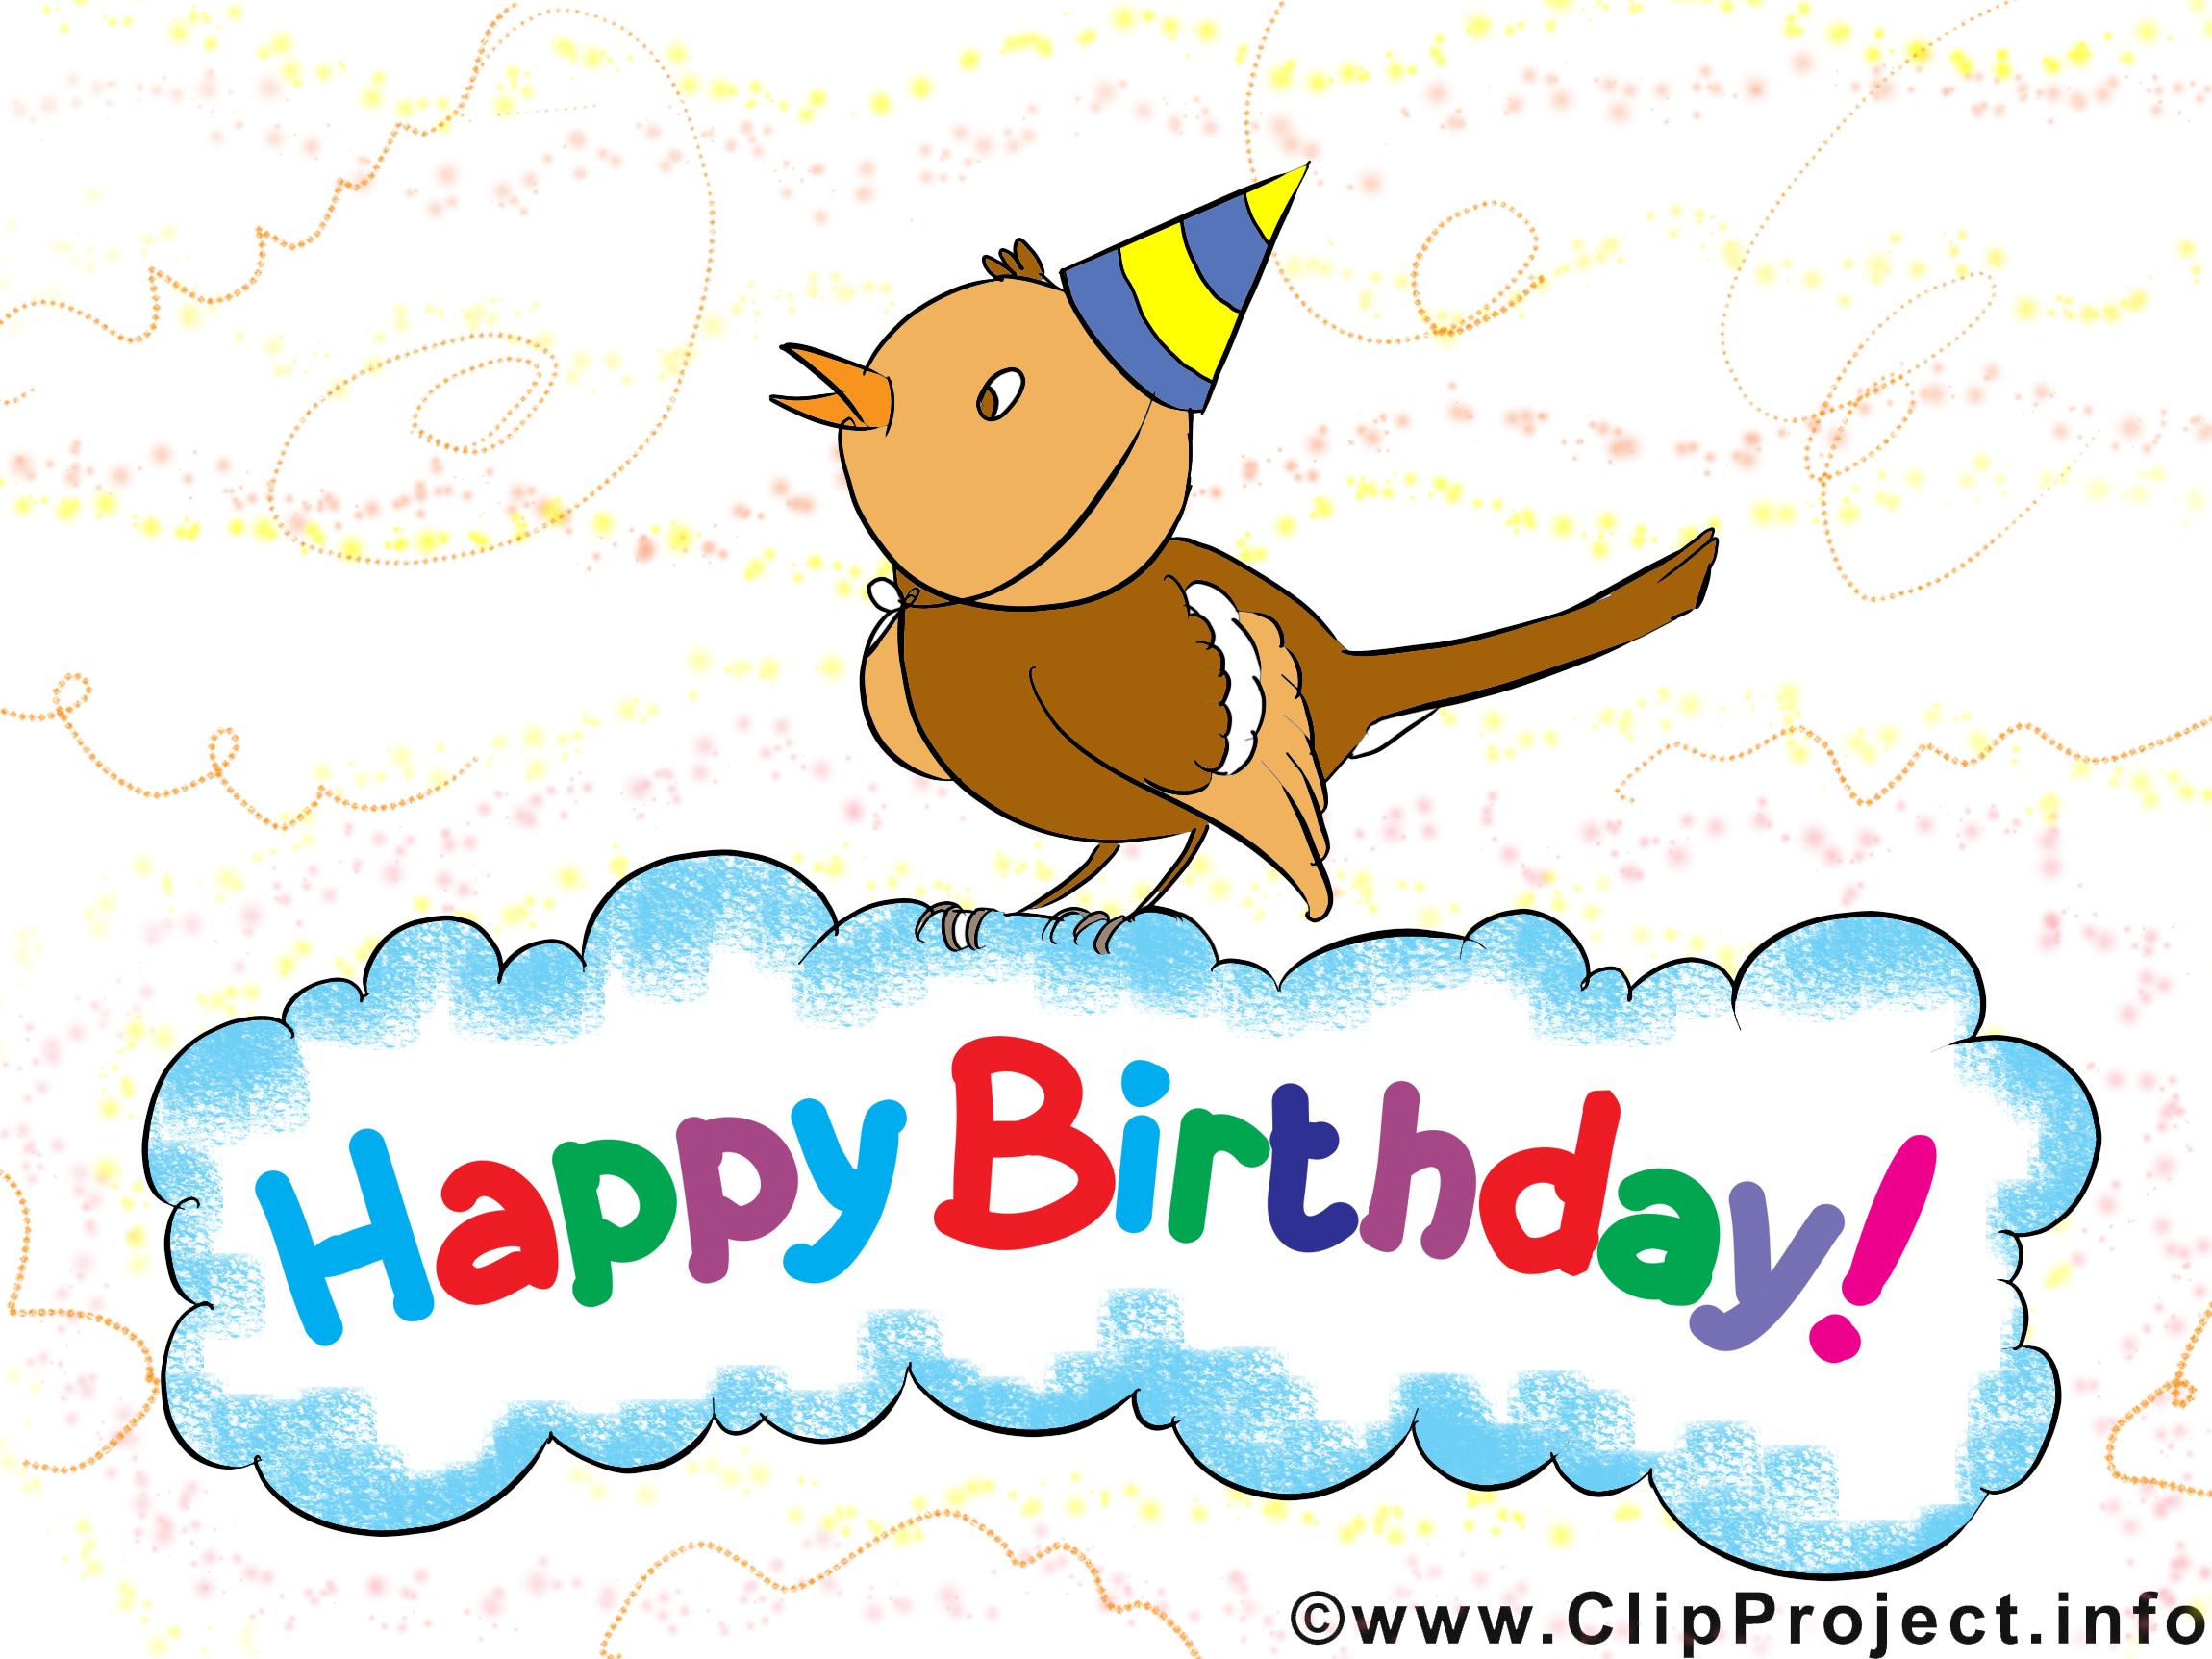 Joyeux anniversaire images gratuites clipart anniversaire joyeux anniversaire maman joyeuse - Clipart anniversaire gratuit telecharger ...